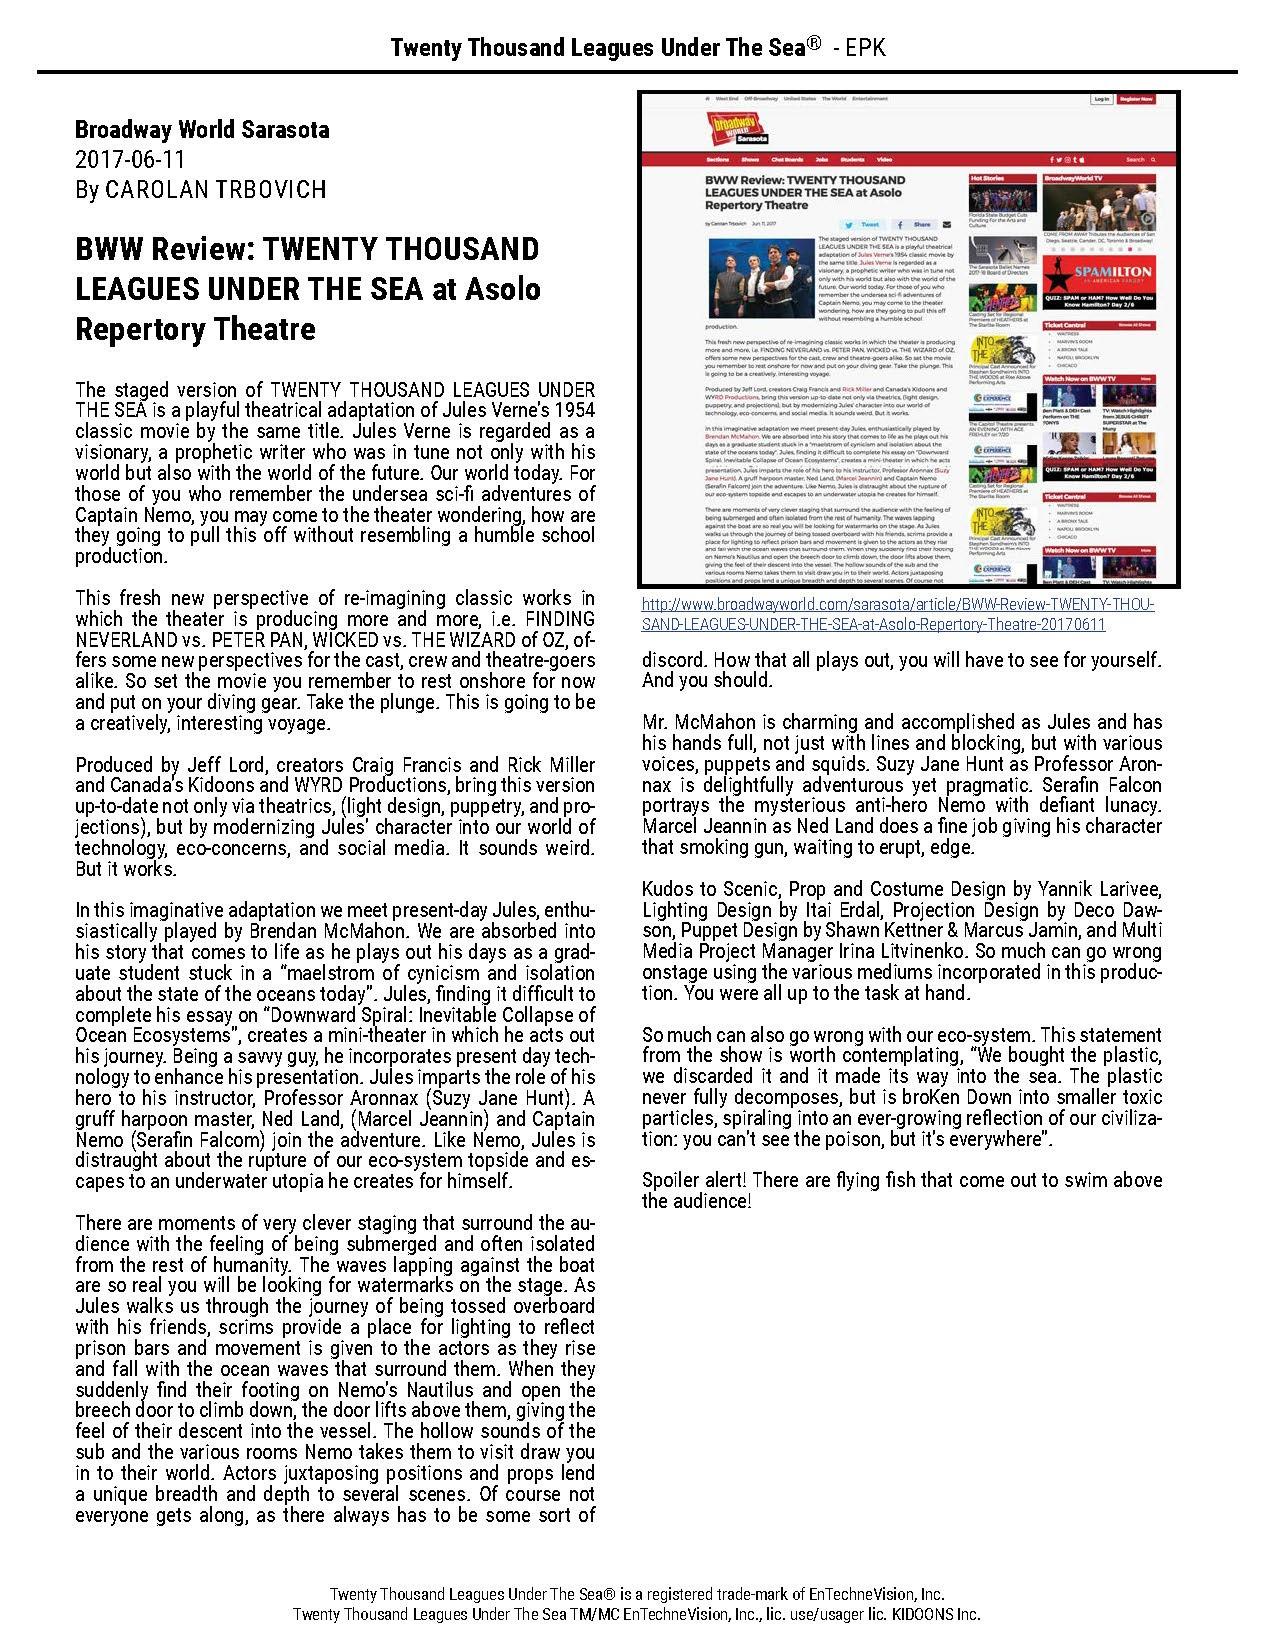 20kshow_EPK_170622d-lr_Page_06.jpg